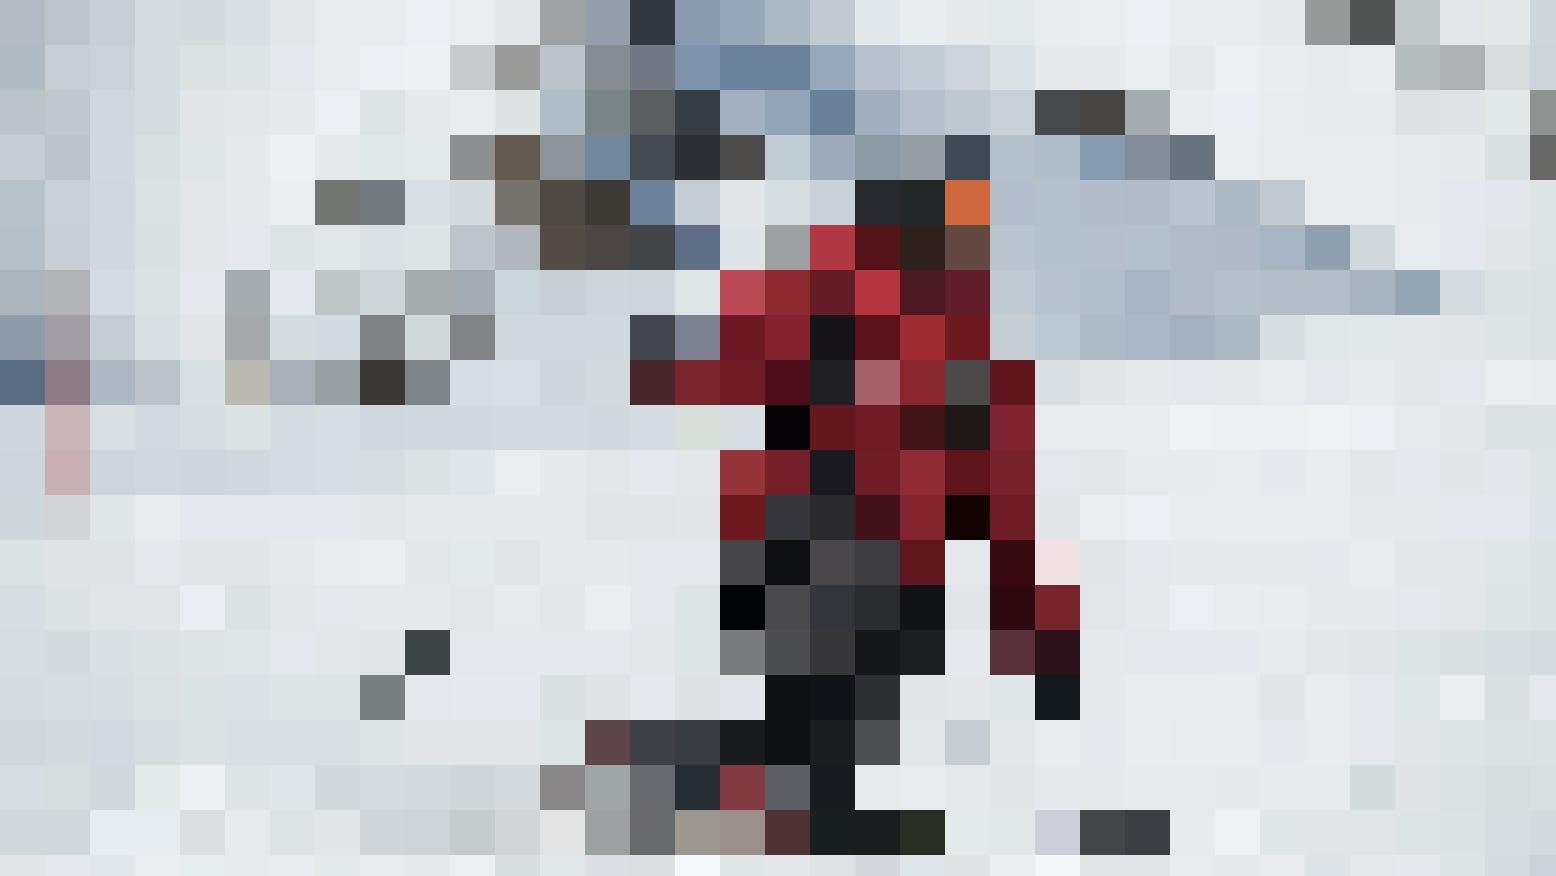 Wer es beherrscht, darf stolz auf sich sein. In St. Moritz kannst du die Telemark.